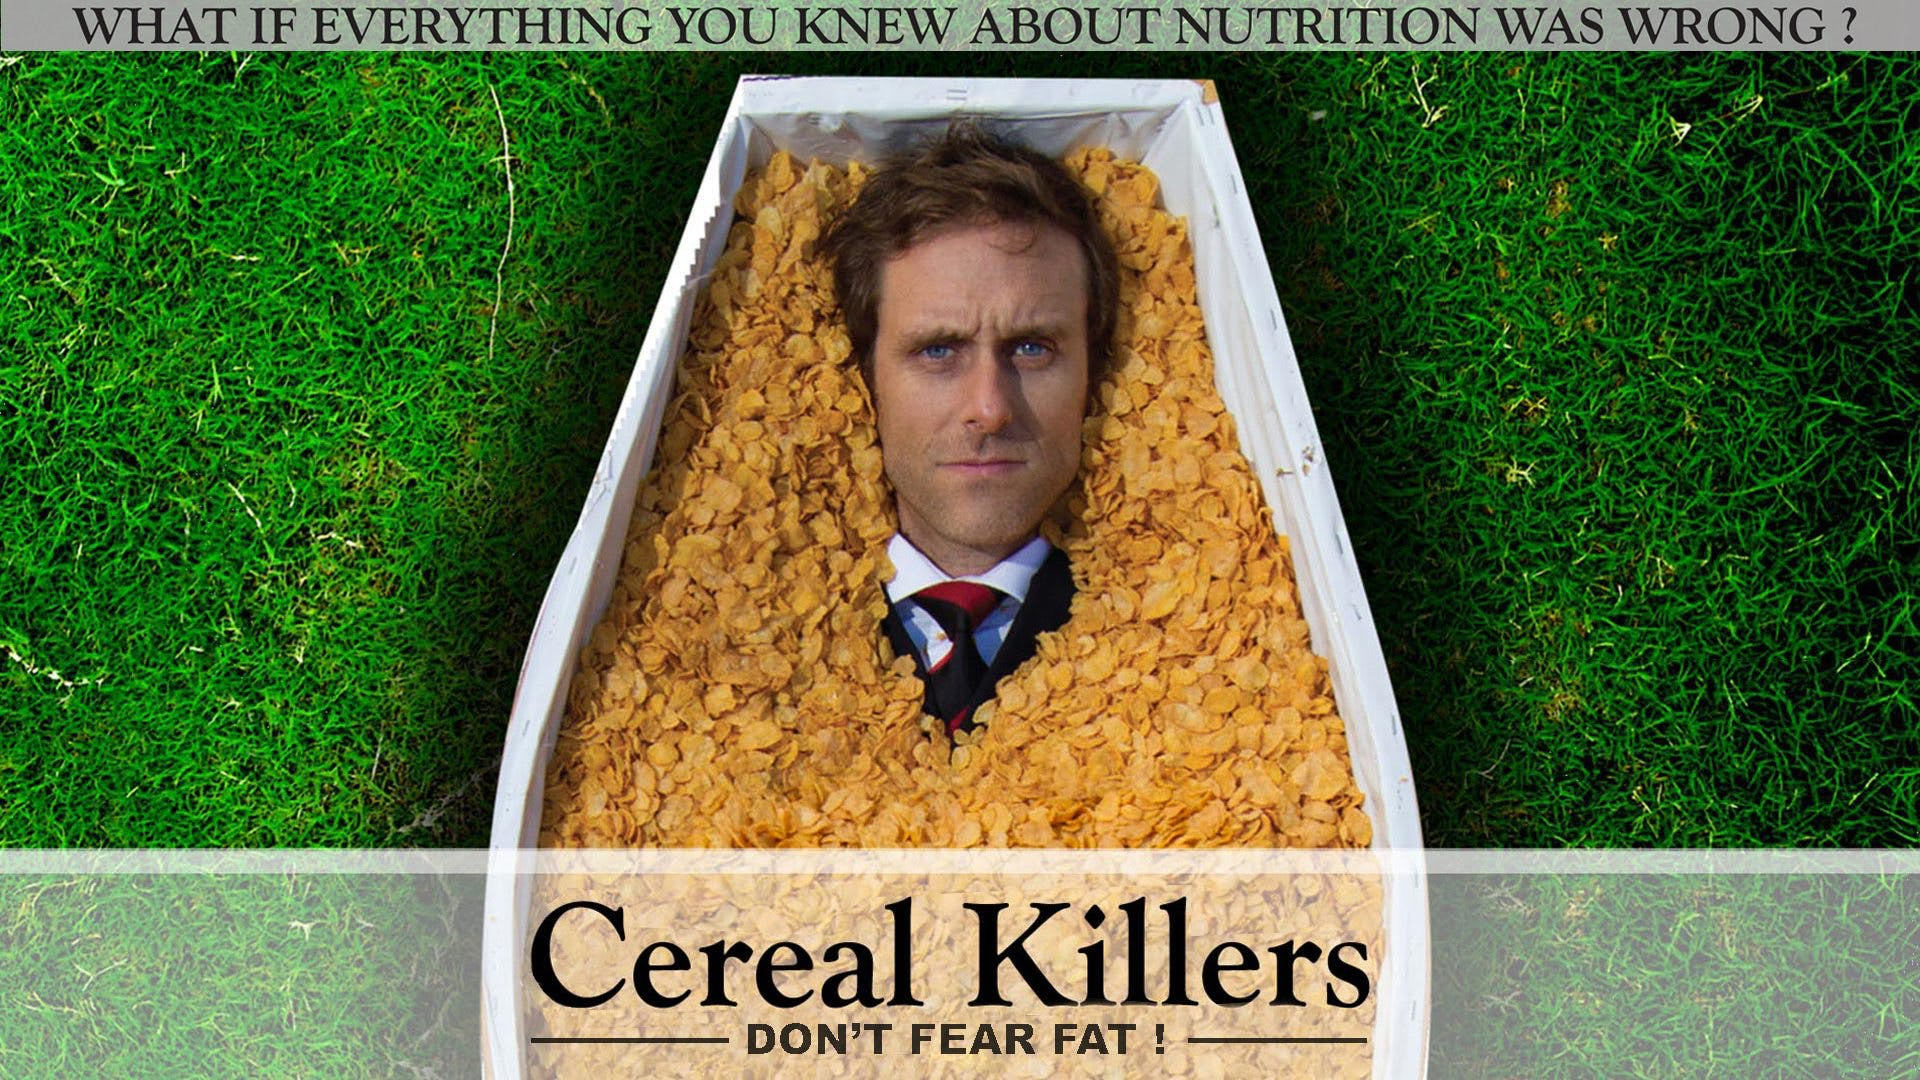 CerealKillers16-9